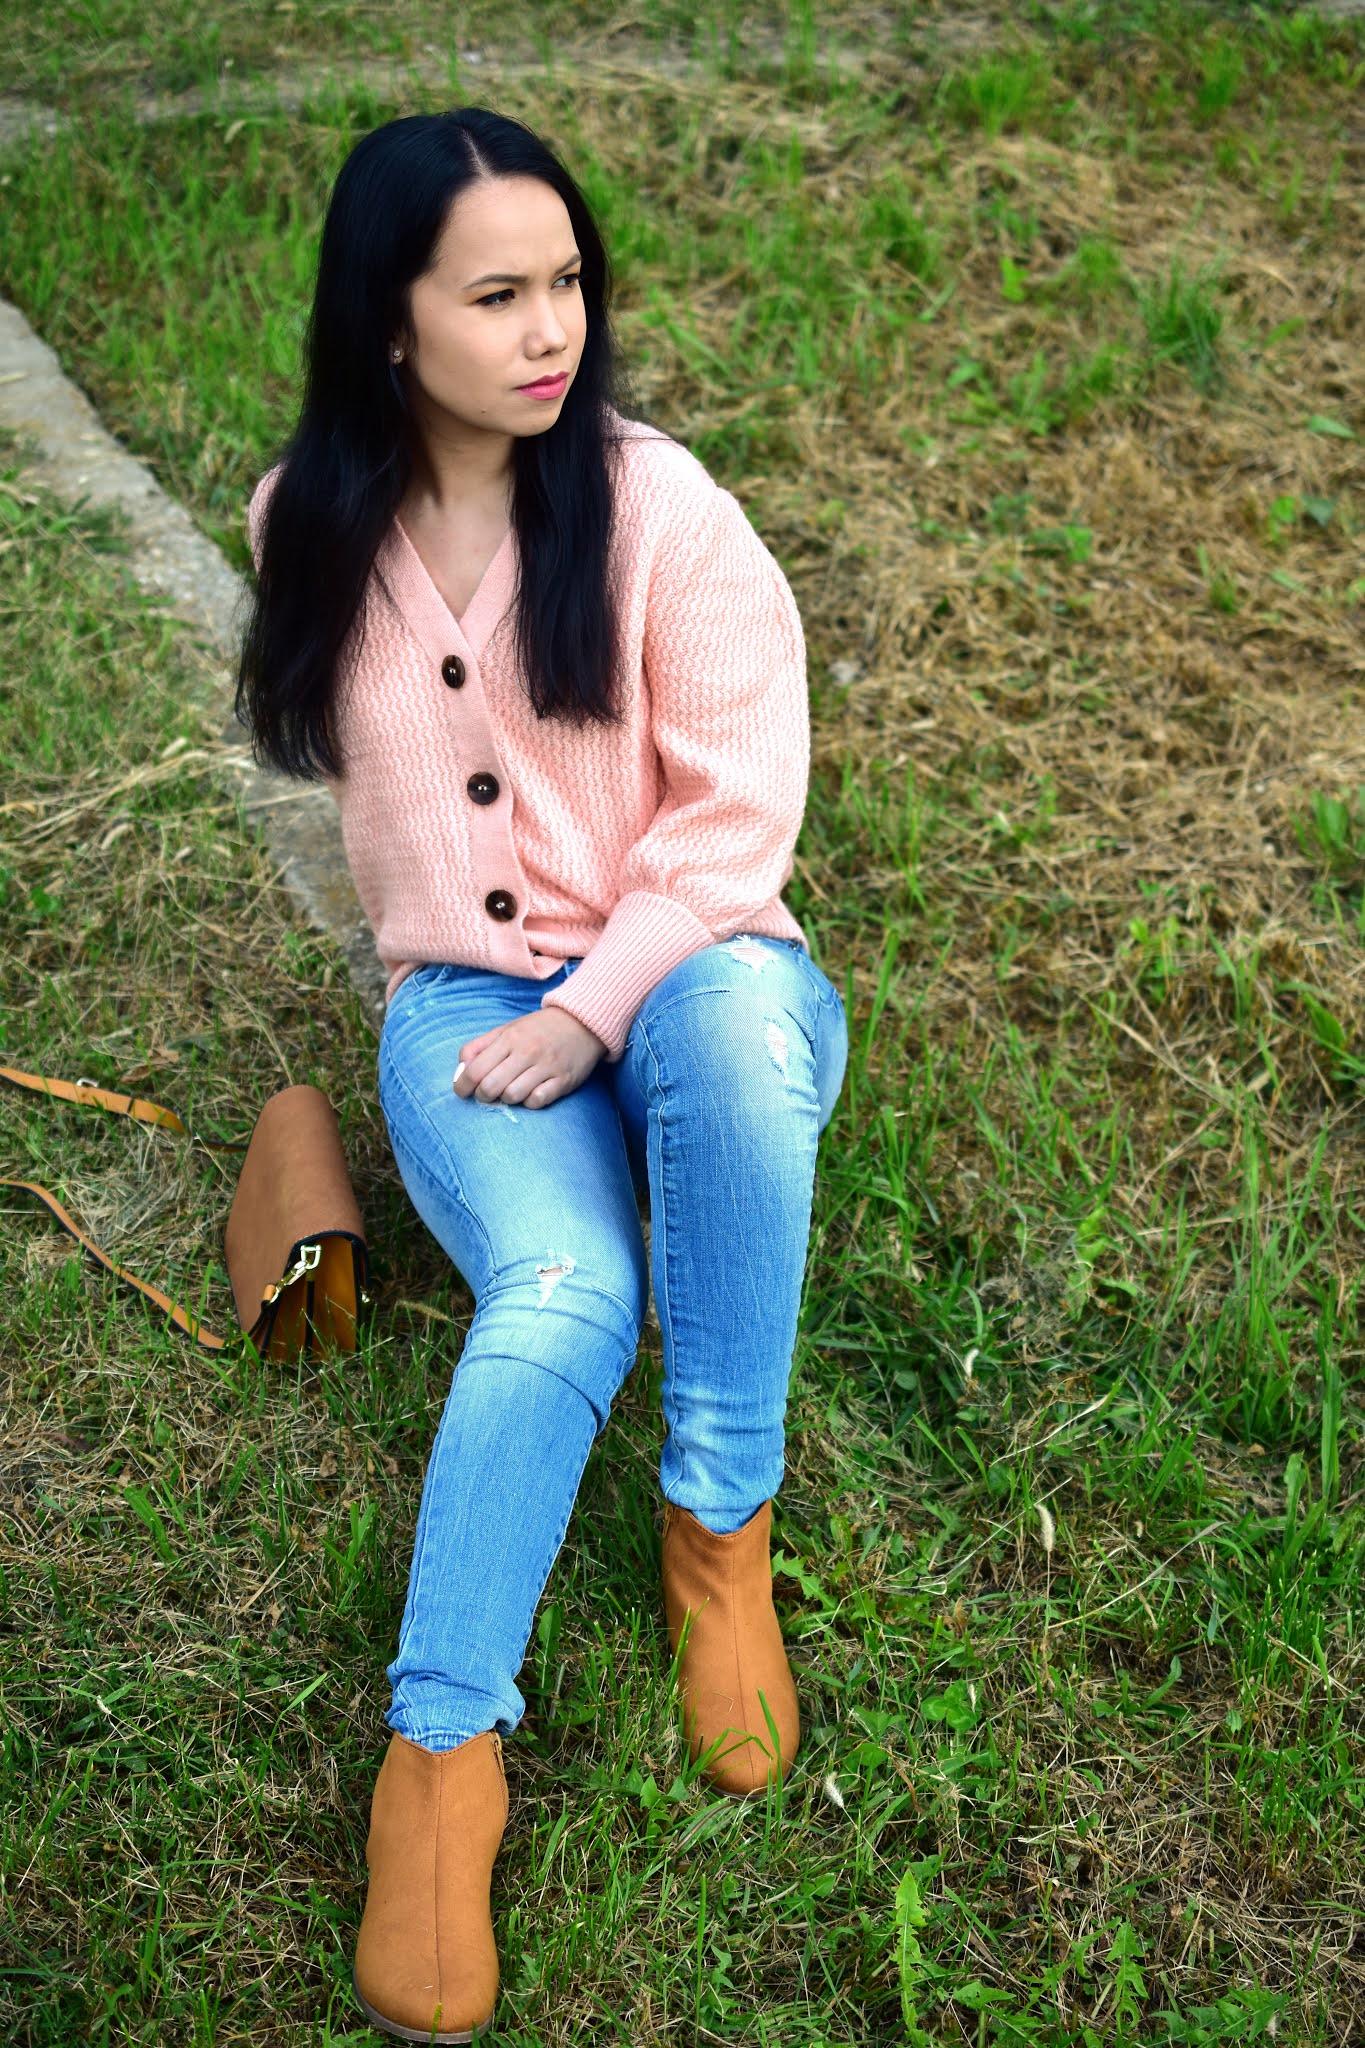 Bonprix jesenný outfit